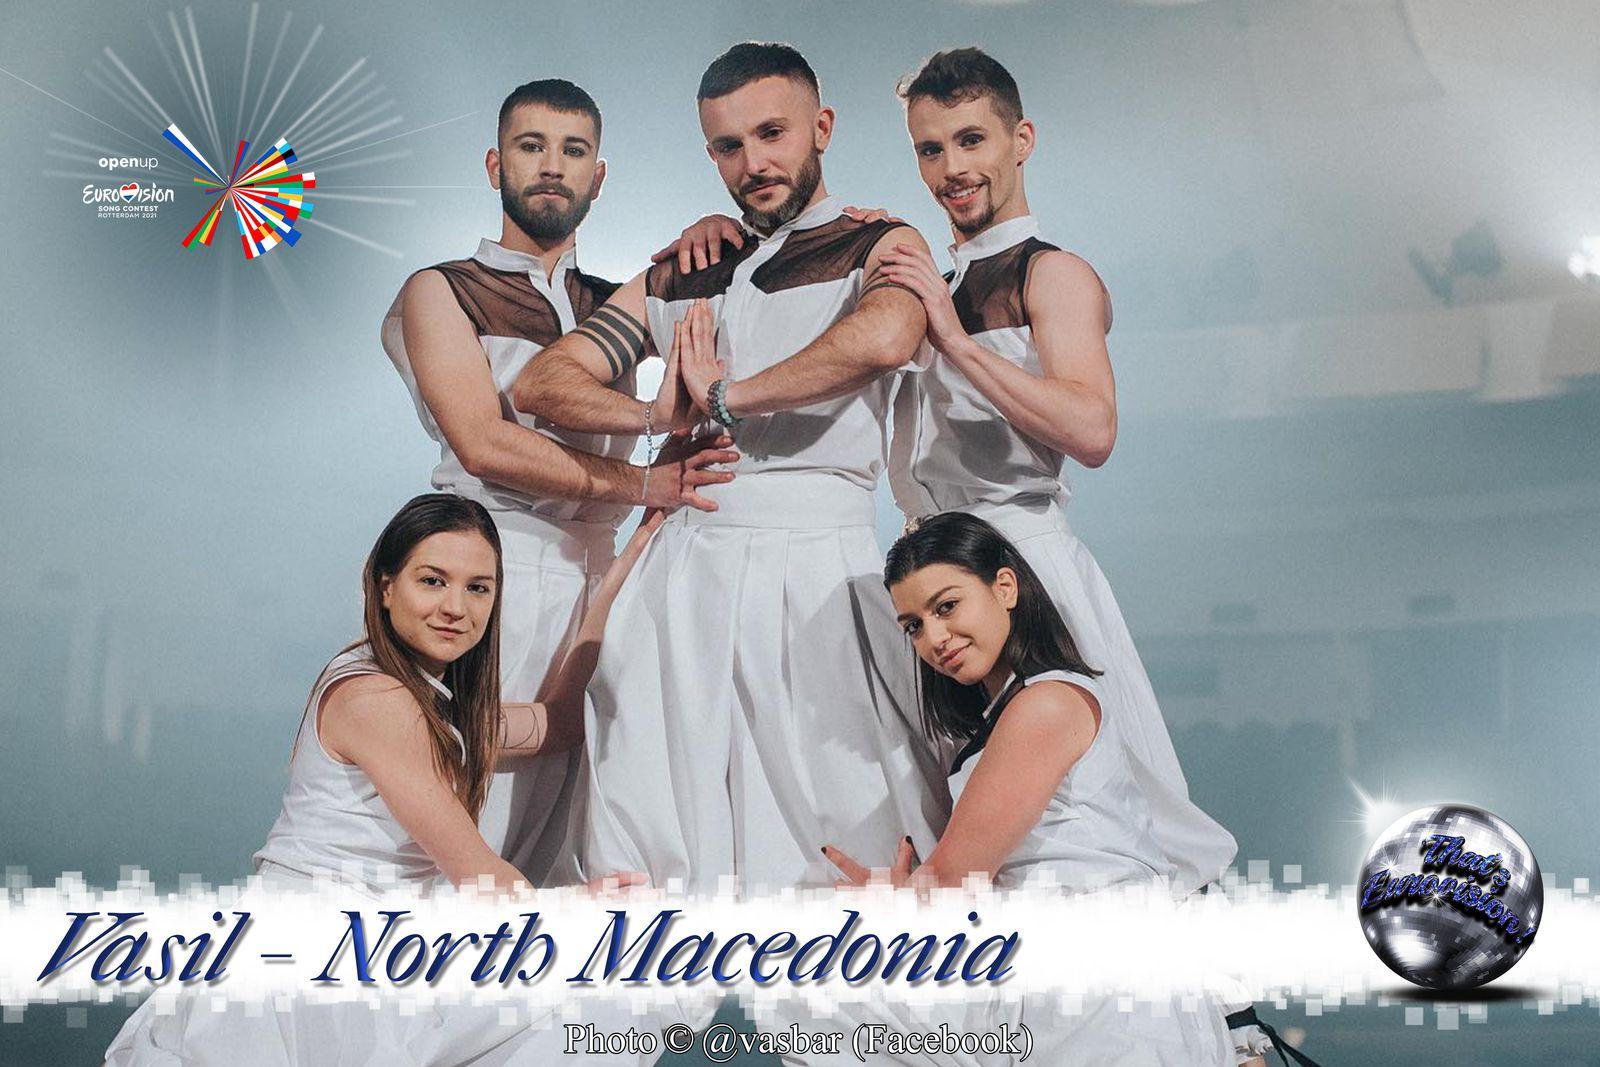 North Macedonia 2021 - Vasil (Here I Stand)